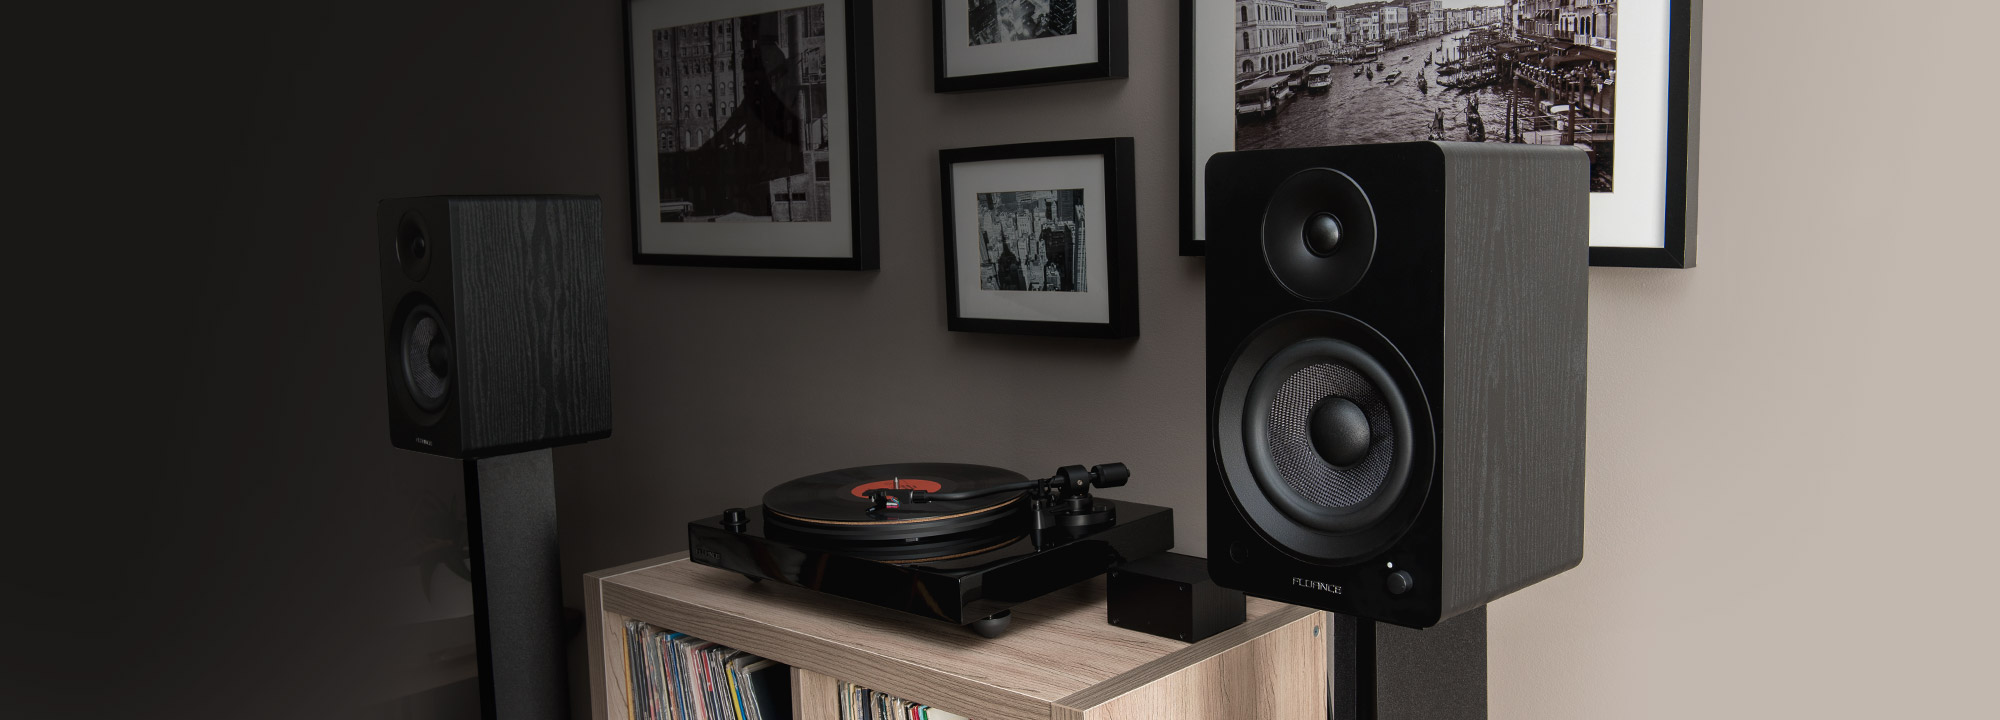 Ai61 Powered 6.5 Inch Bookshelf Speakers